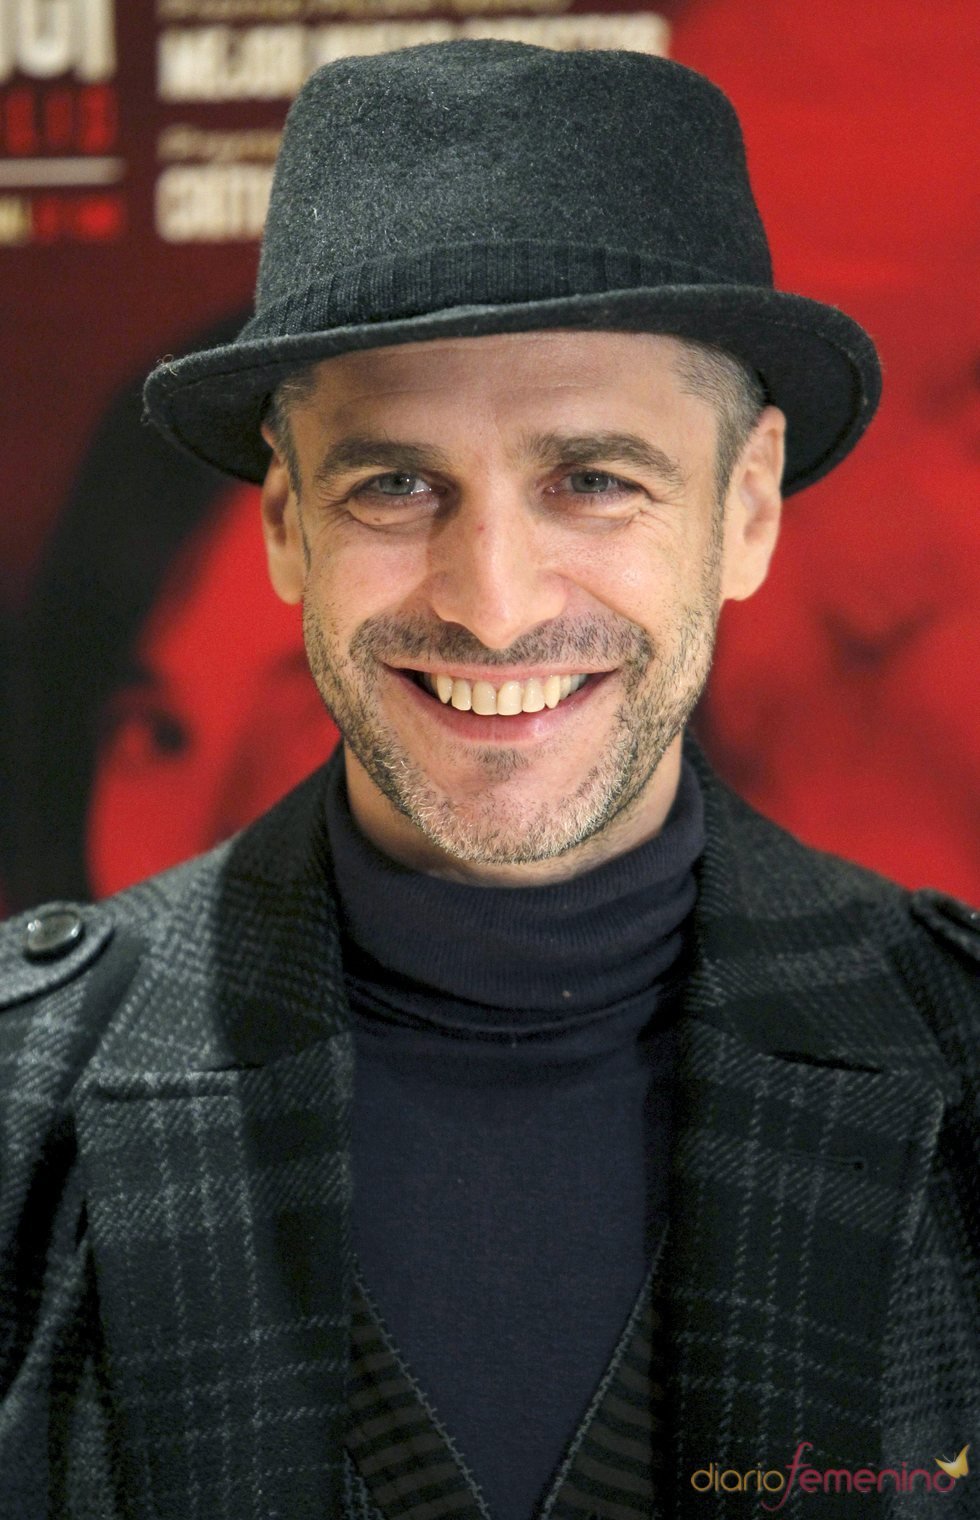 https://www.diariofemenino.com/images/galeria/15000/15425_el-actor-argentino-leonardo-sbaraglia.jpg